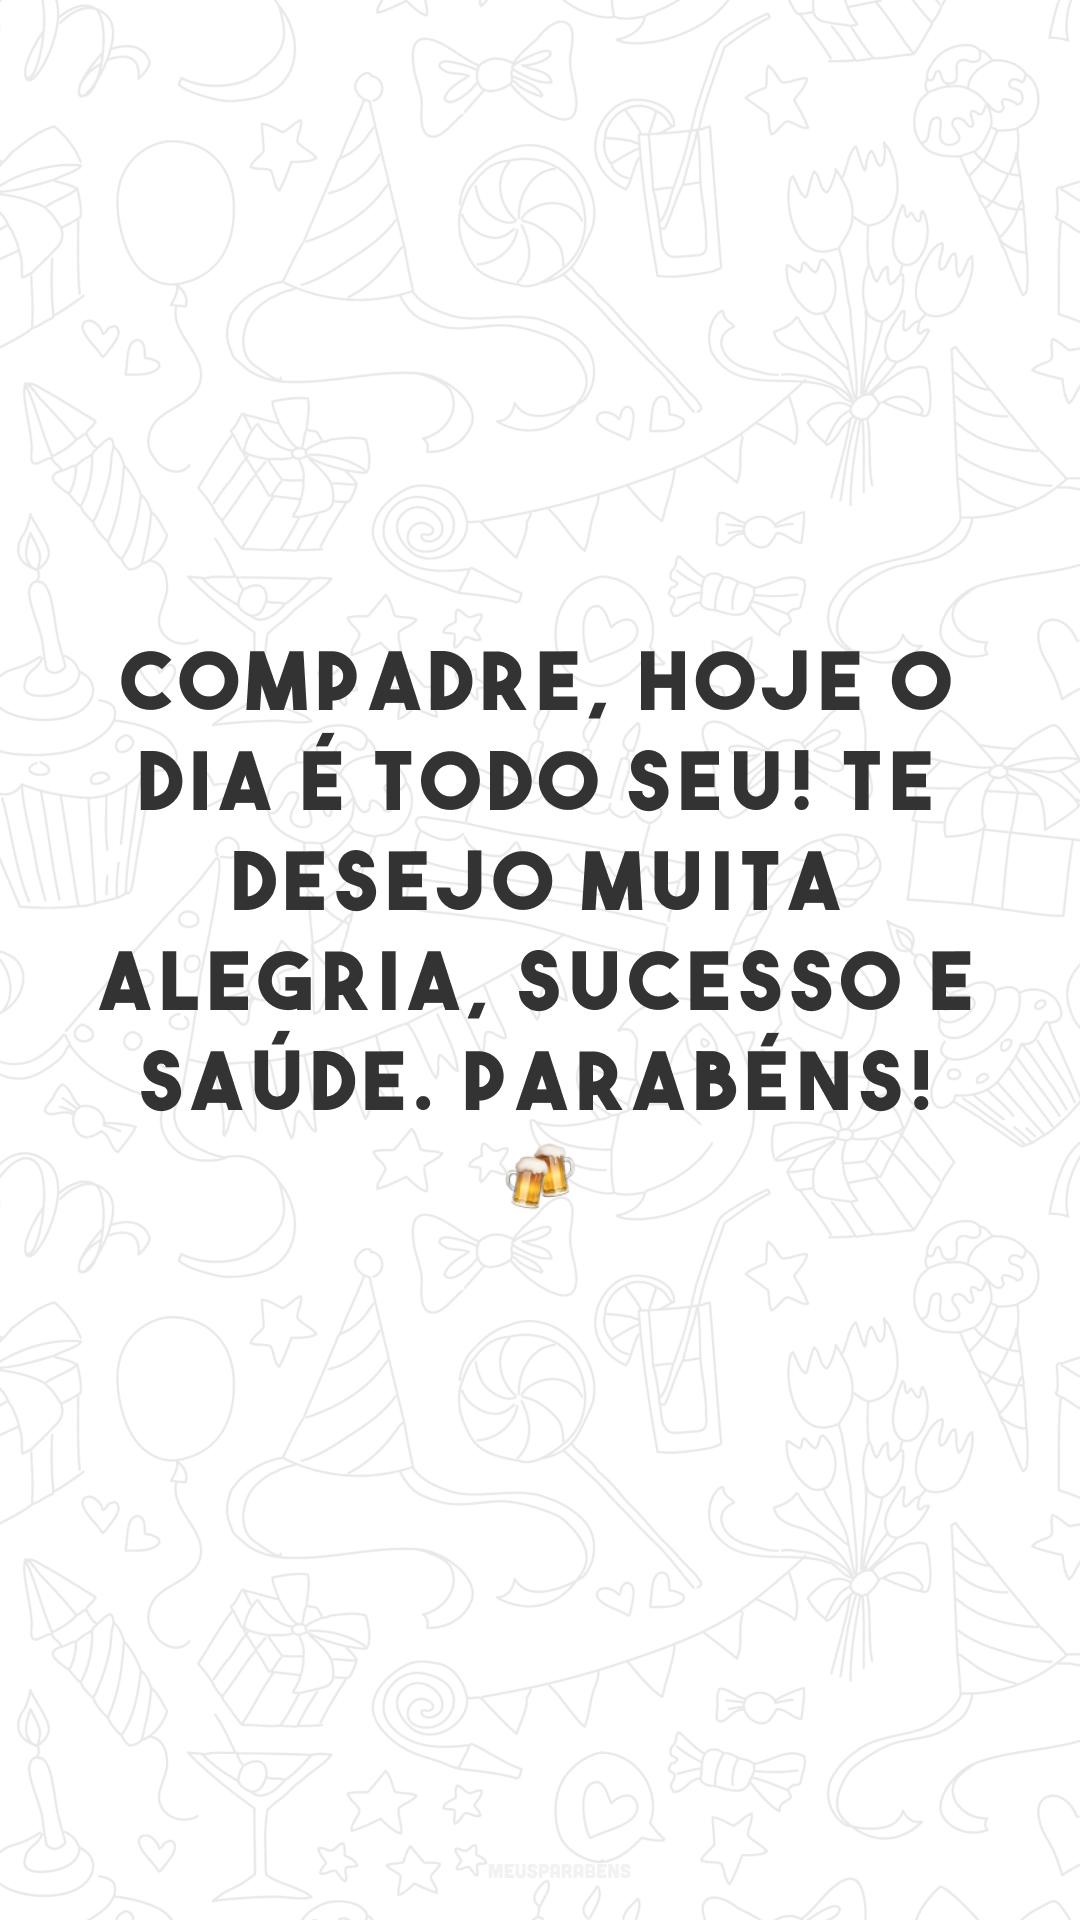 Compadre, hoje o dia é todo seu! Te desejo muita alegria, sucesso e saúde. Parabéns! 🍻